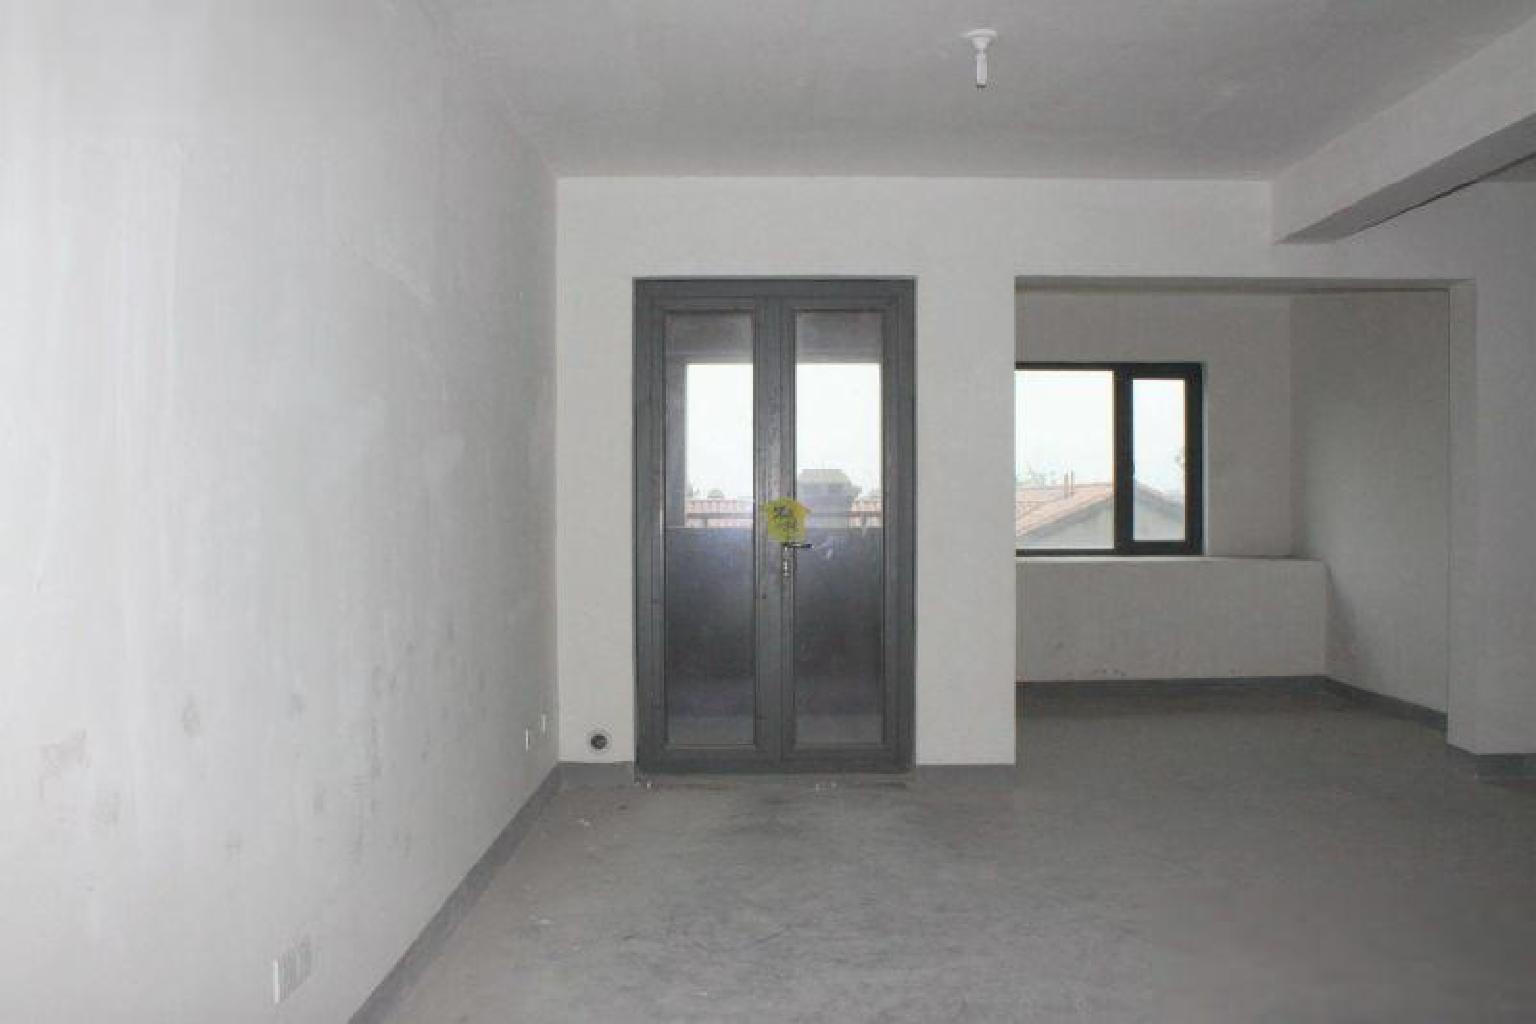 顺发康庄随时看房 刚需小面积住宅 奥体旁亚运村边 包车位税少